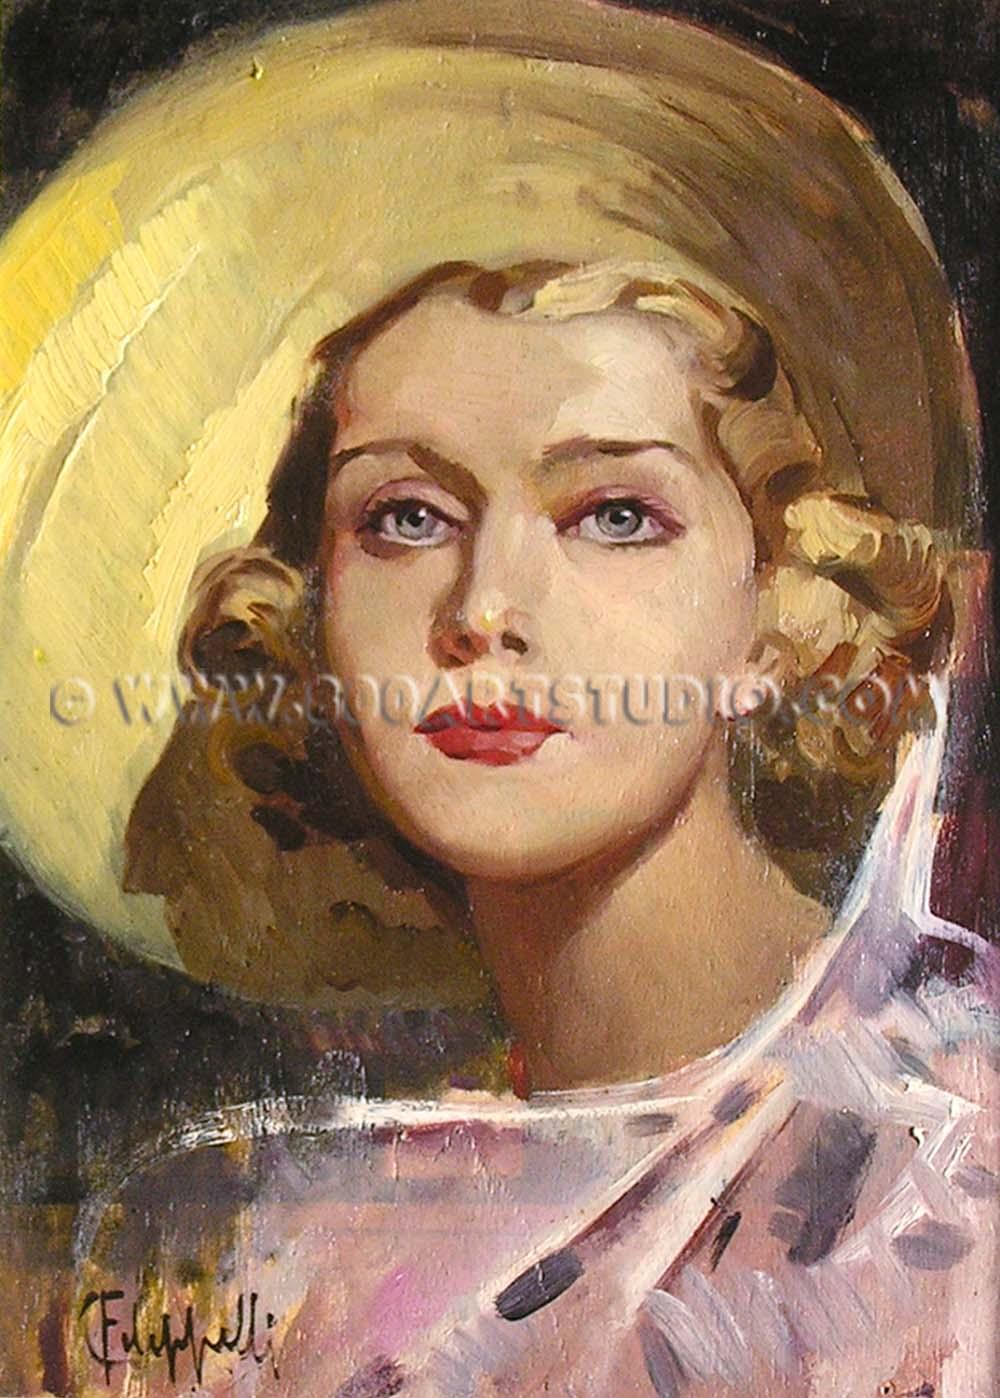 Cafiero Filippelli - Ritratto di ragazza